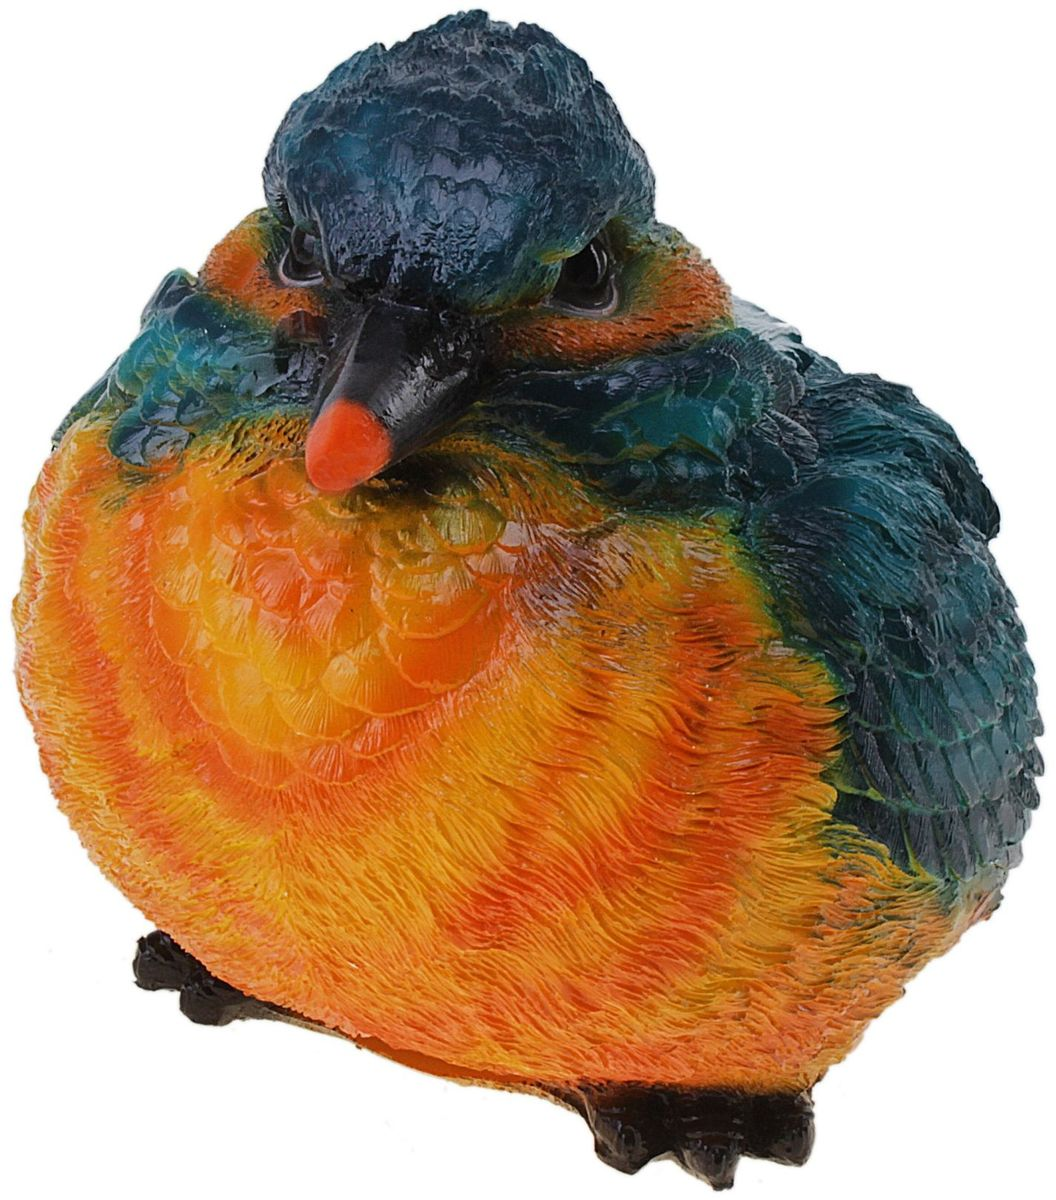 Фигура садовая Птица с оранжевой грудкой, 8 х 18 х 6 см74-0080Забавная птичка придаст садовому участку уют и оригинальность. Проявите себя в роли ландшафтного дизайнера. Расставляйте акценты с помощью садового декора: например, чтобы привлечь внимание к клумбе, поставьте фигуру рядом с ней, а чтобы приманить взор к водоёму, располагайте голубков поближе к воде. Фигуры из гипса отличаются лёгкостью, экологичность и долгим сроком службы. При должном уходе они будут выглядеть как новые не один сезон. Сделайте садовый участок оригинальным.